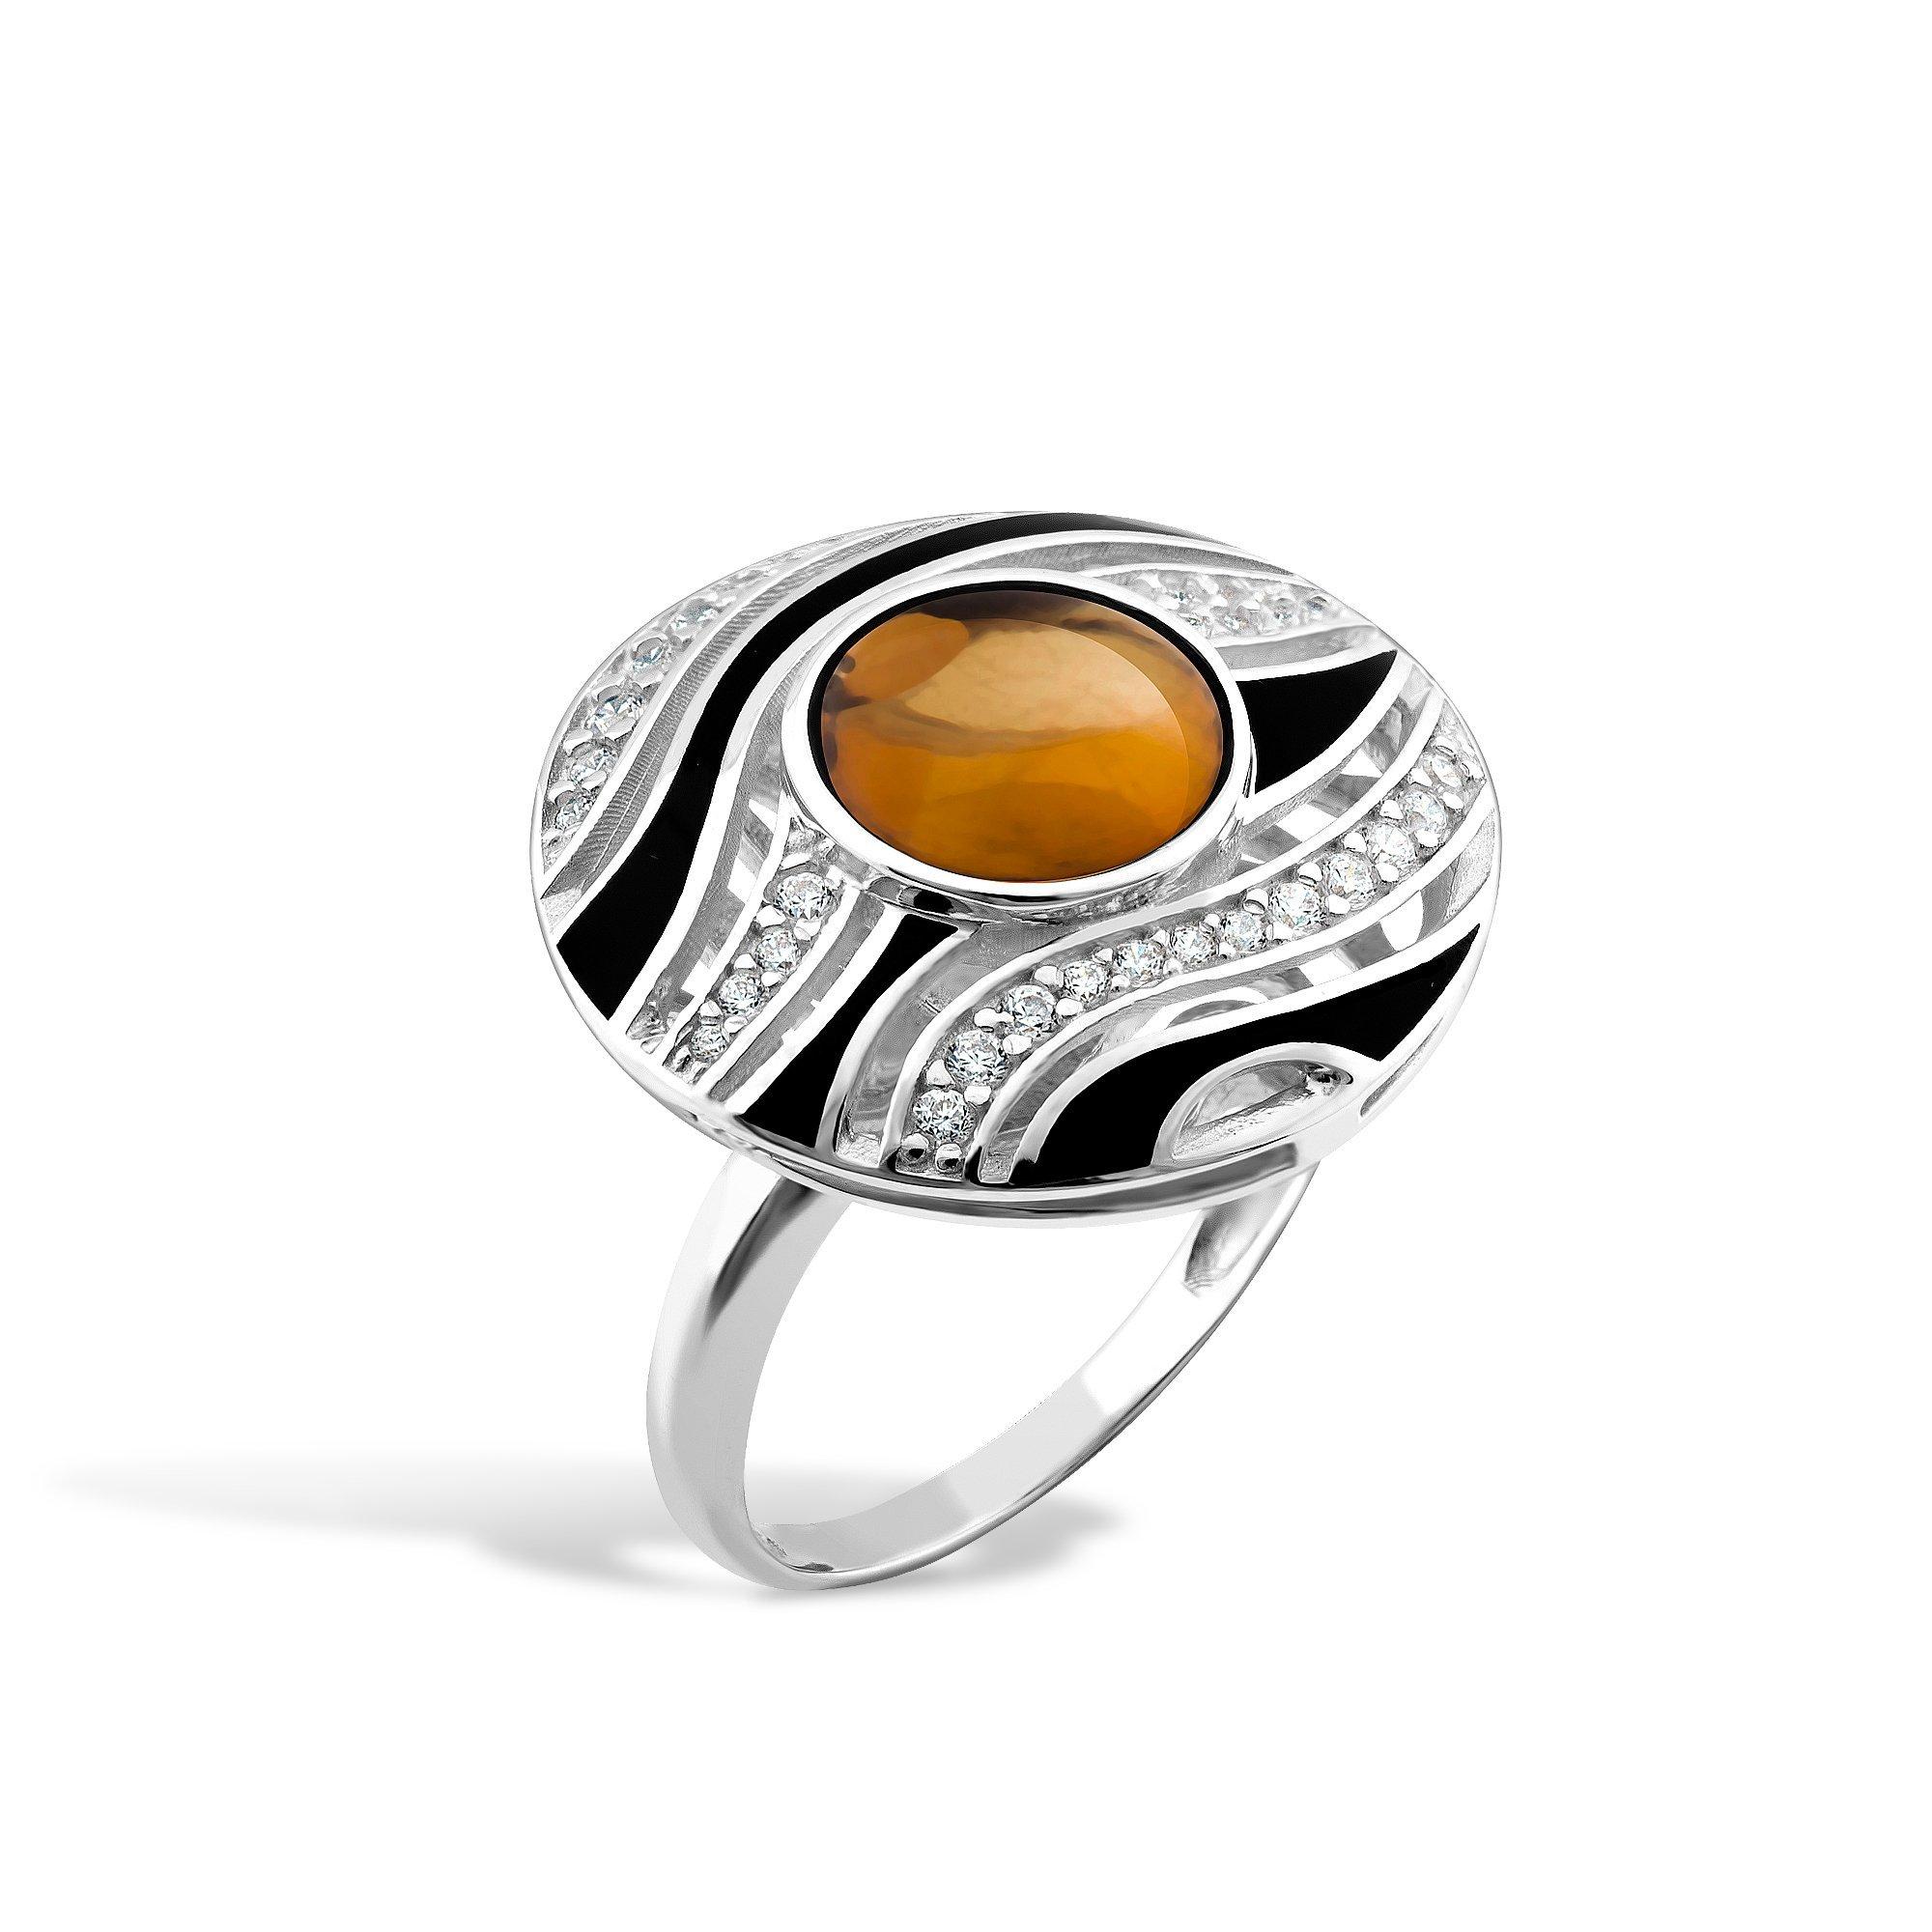 Серебряное кольцо Лейла с янтарем, фианитами и черной эмалью